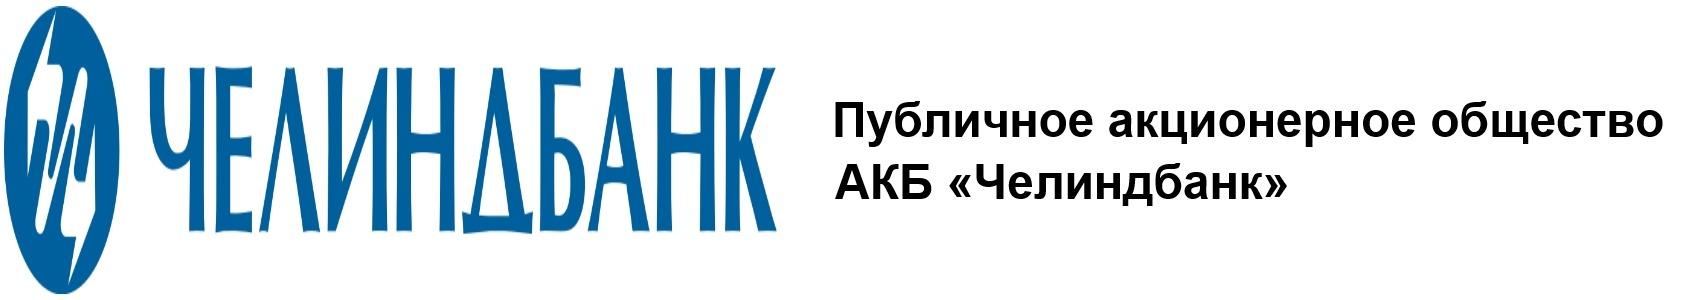 ПАО АКБ «Челиндбанк»